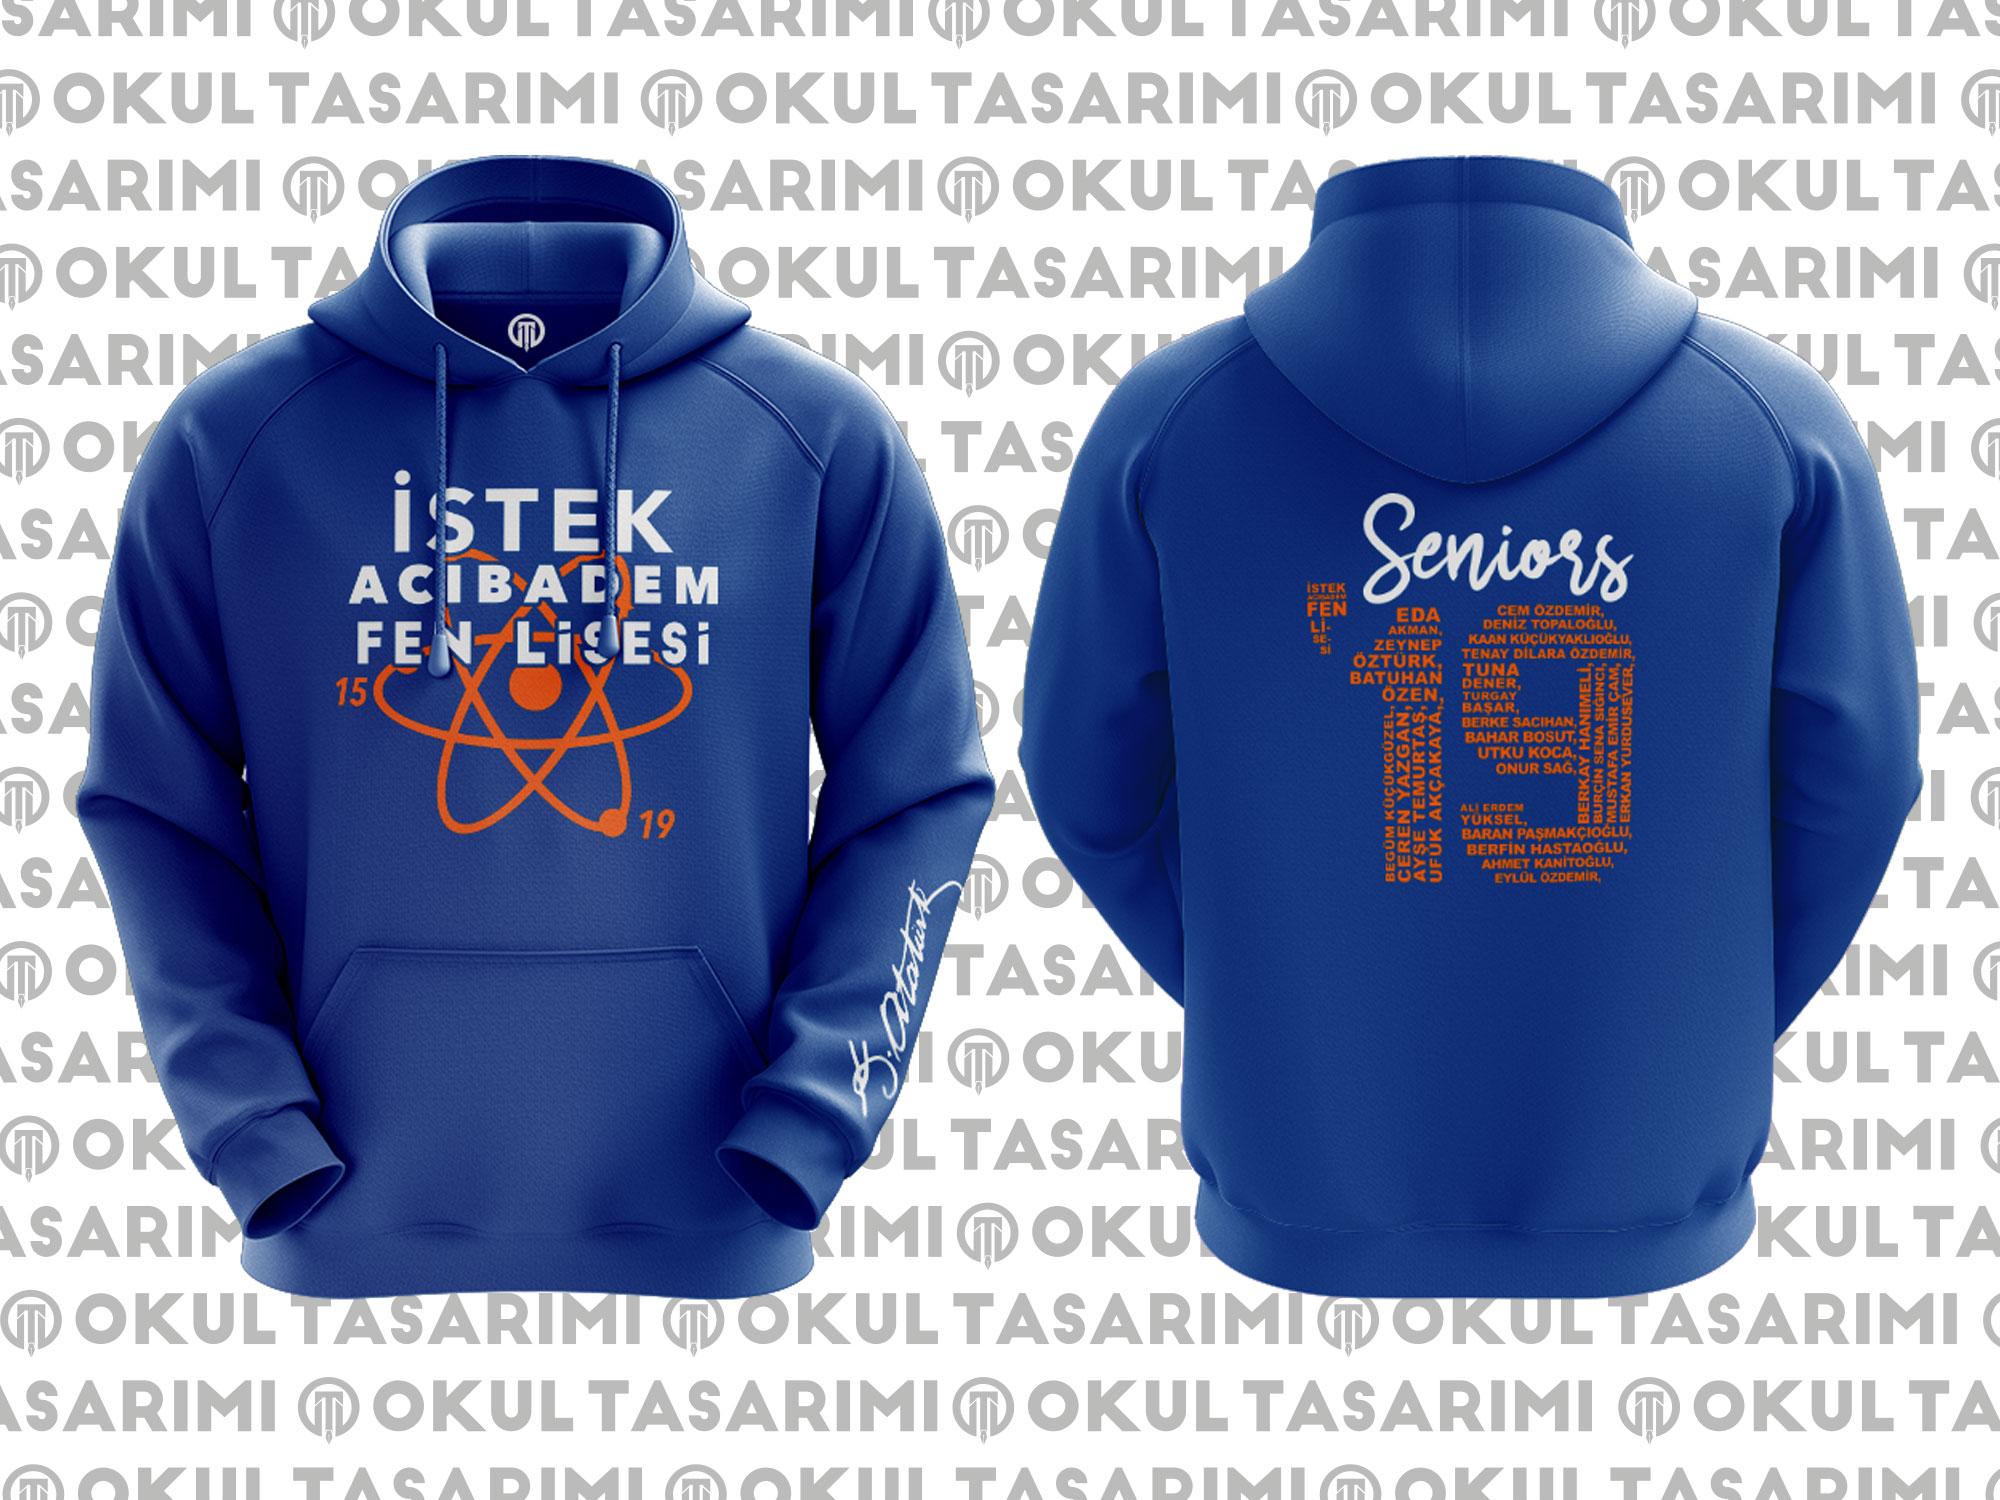 istek-acibadem-fen-lisesi-sweatshirt-2019